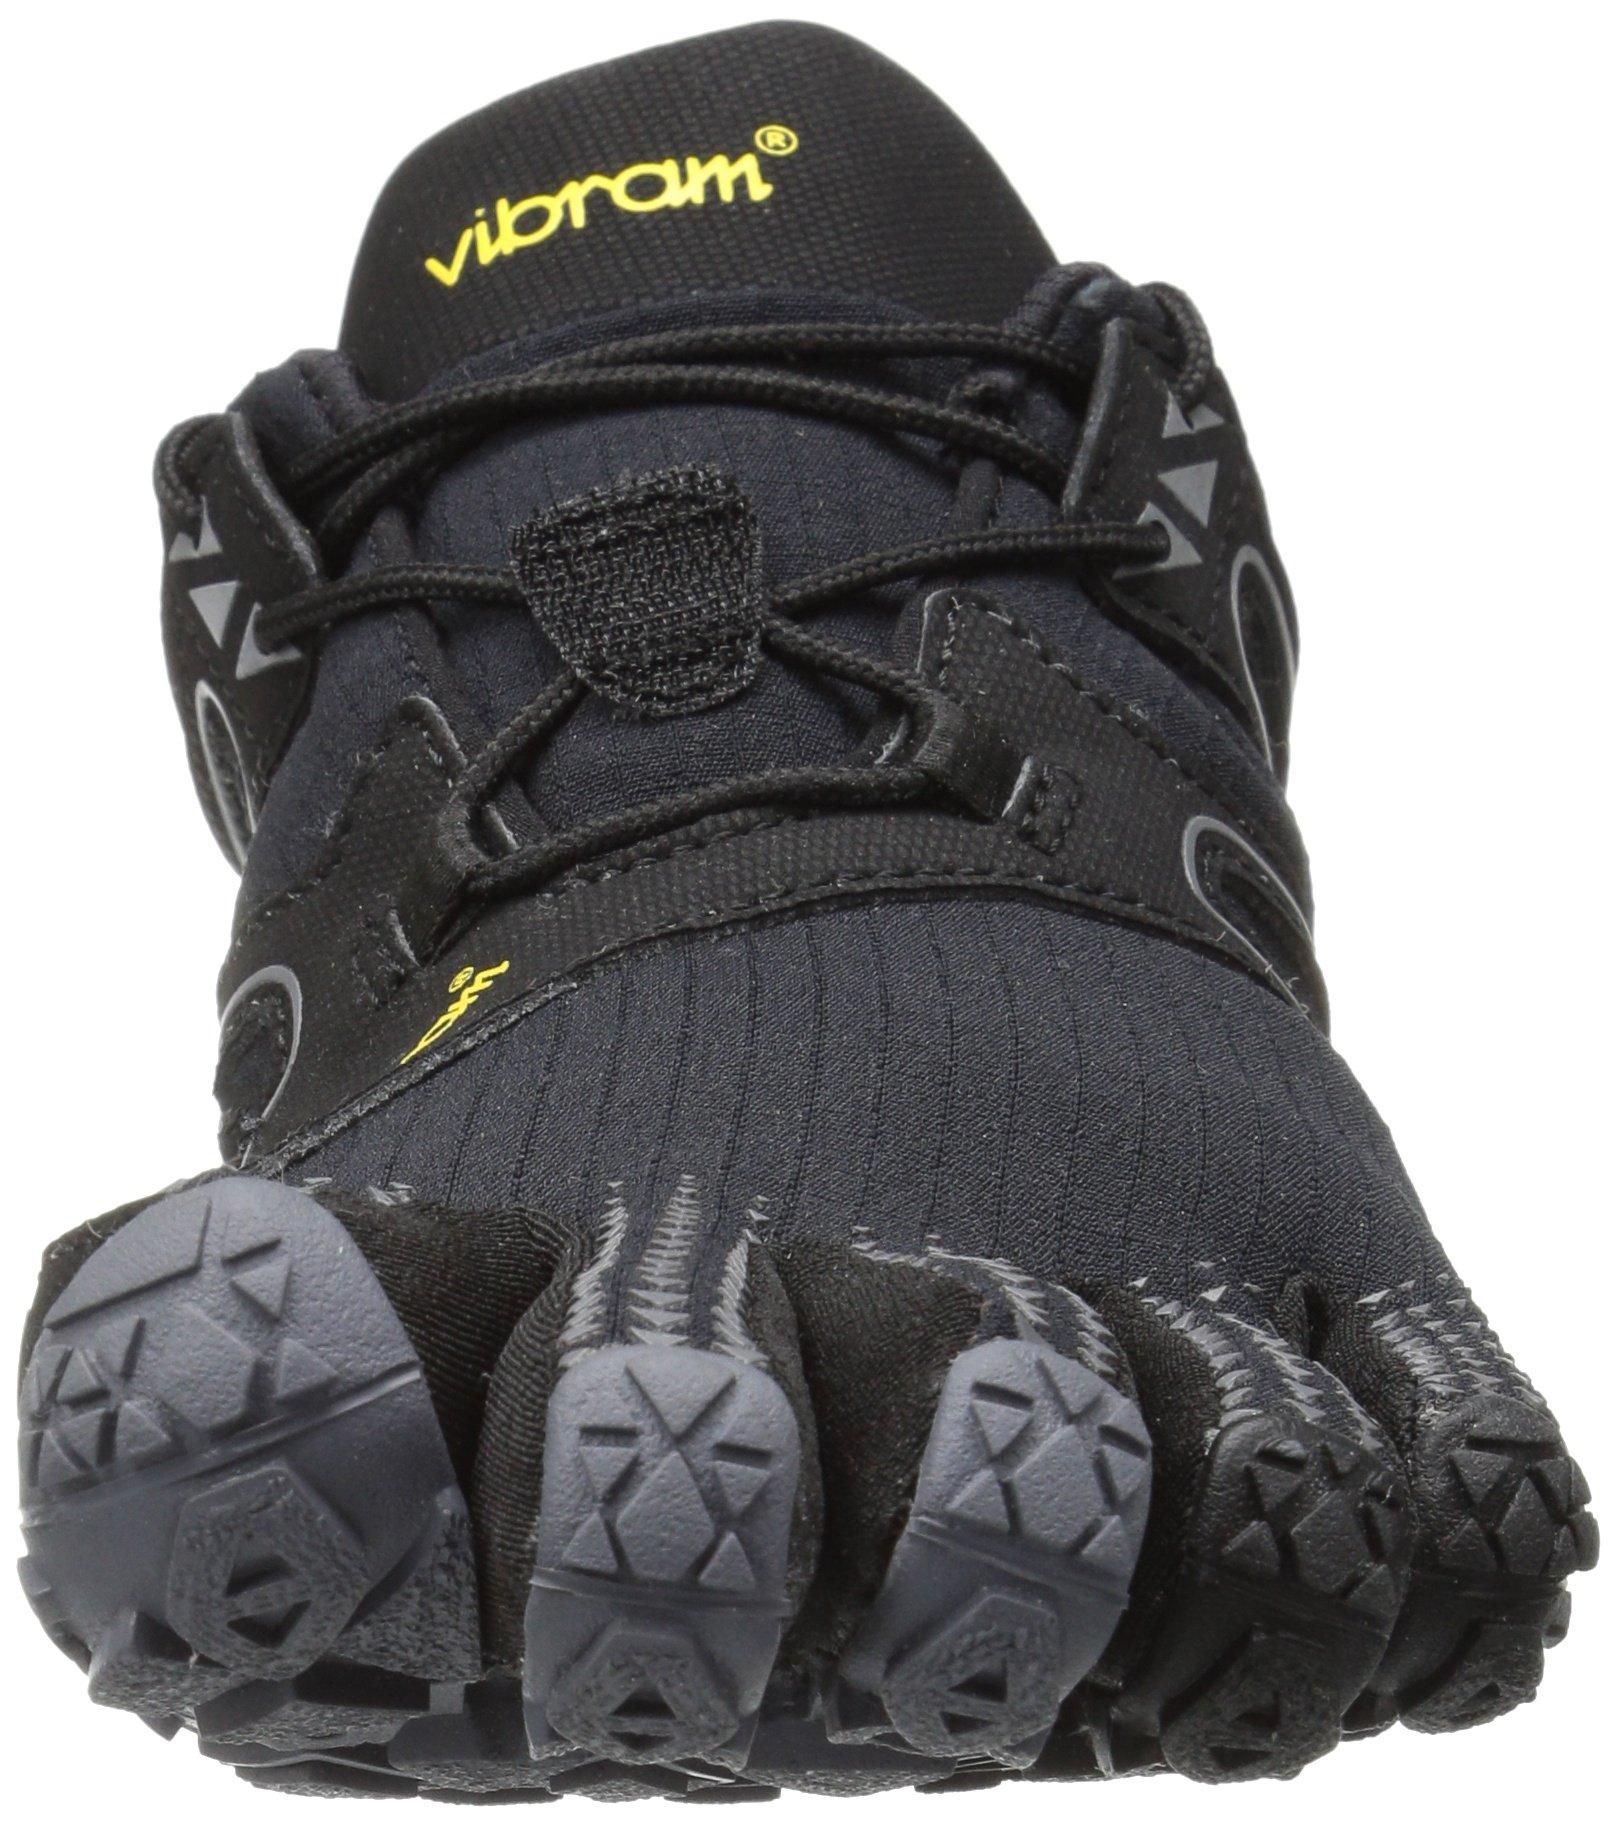 Vibram Women's V Trail Runner, Black/Grey, 41 EU/9 M US by Vibram (Image #4)